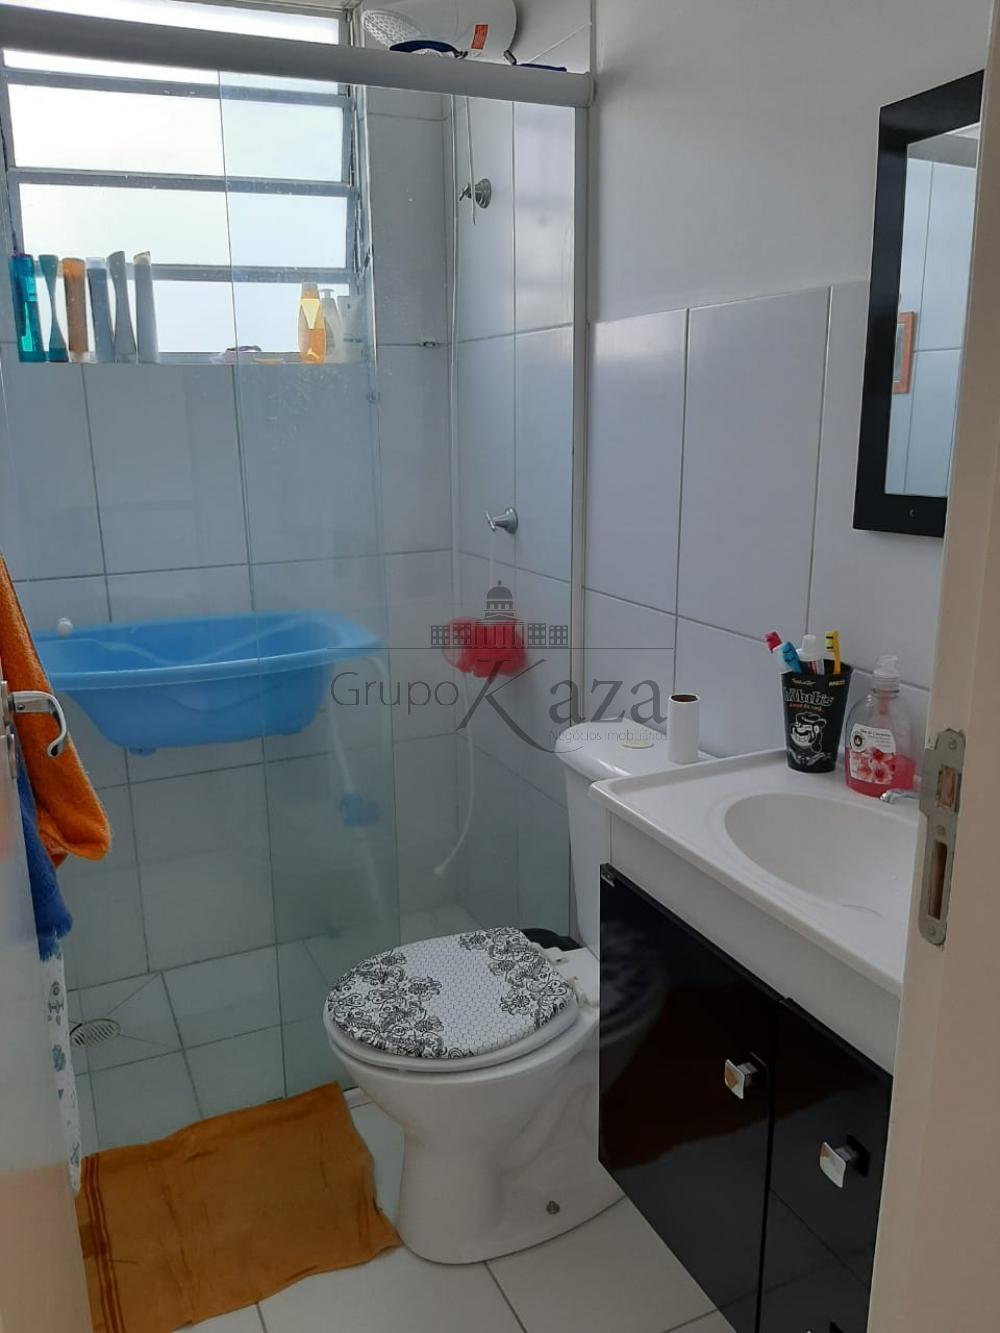 Alugar Apartamento / Padrão em São José dos Campos R$ 1.350,00 - Foto 9